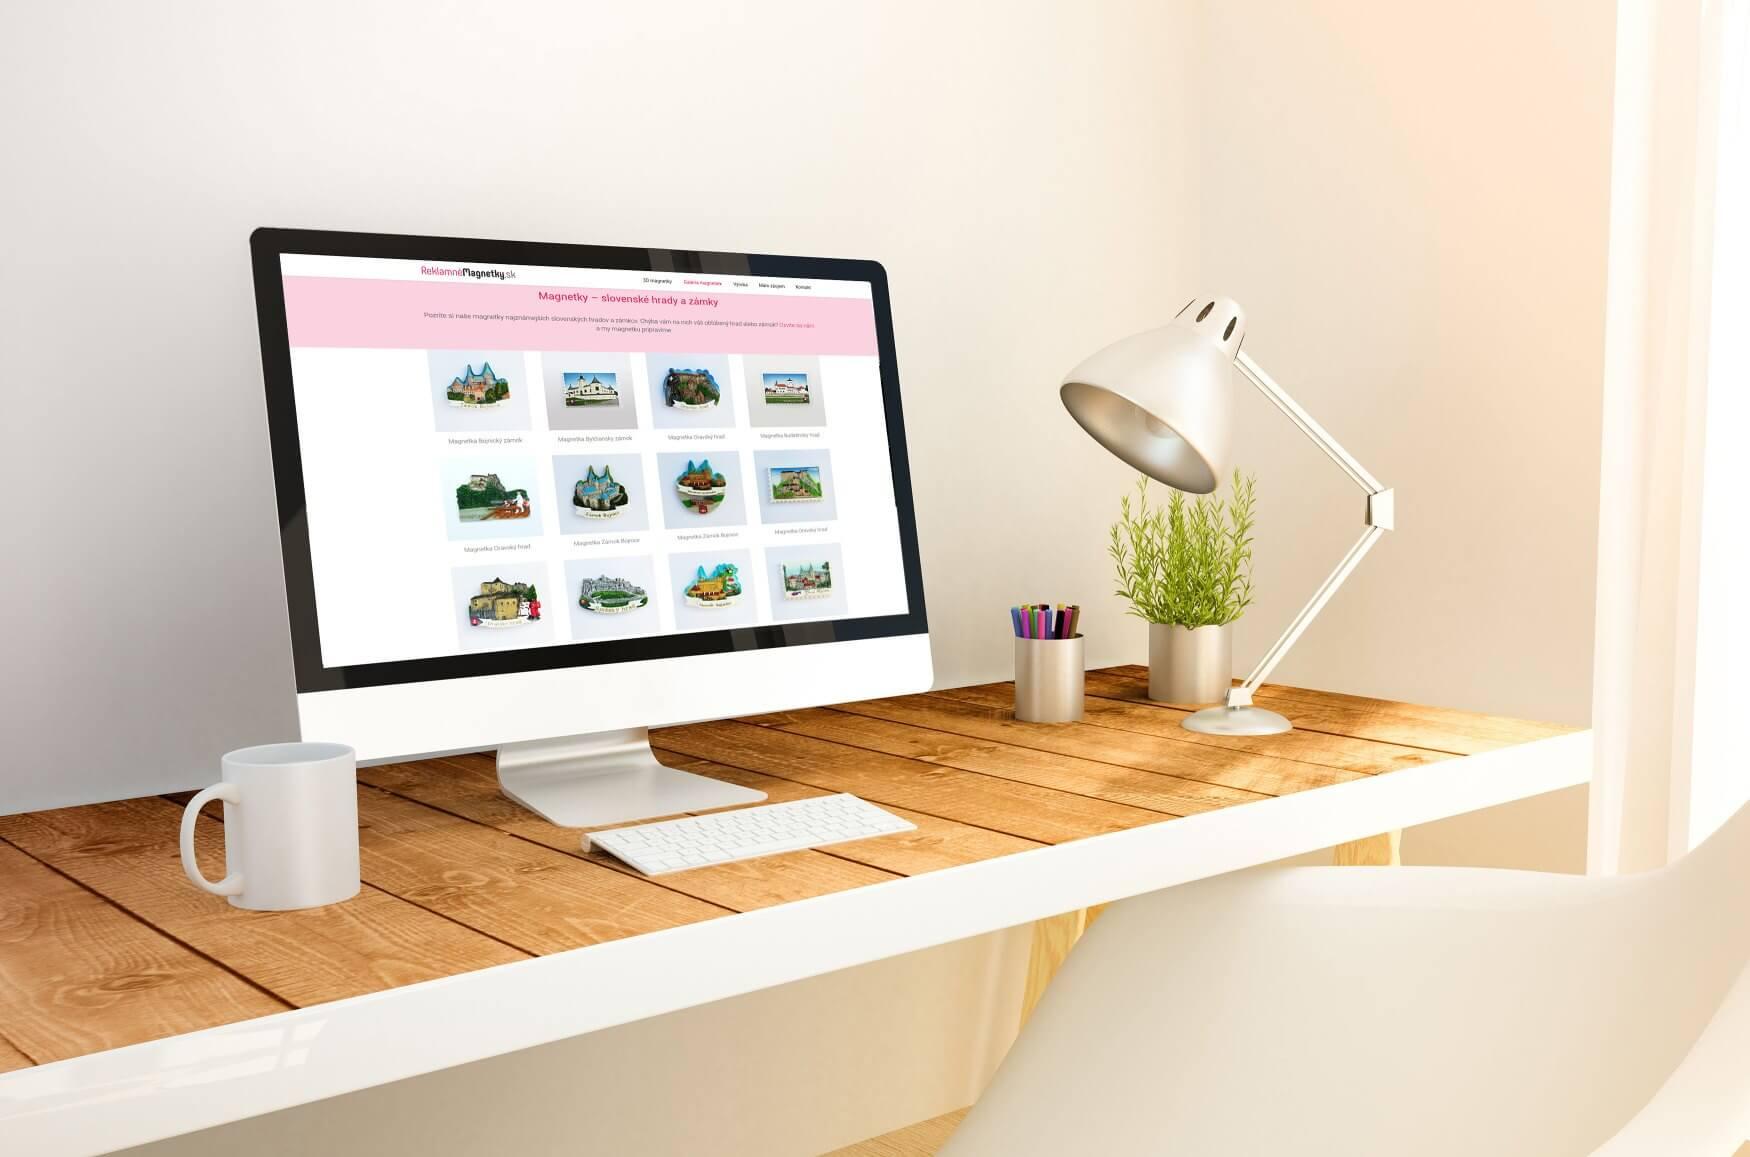 Tvorba moderných webových stránok lacno a rýchlo ... Webovica.sk